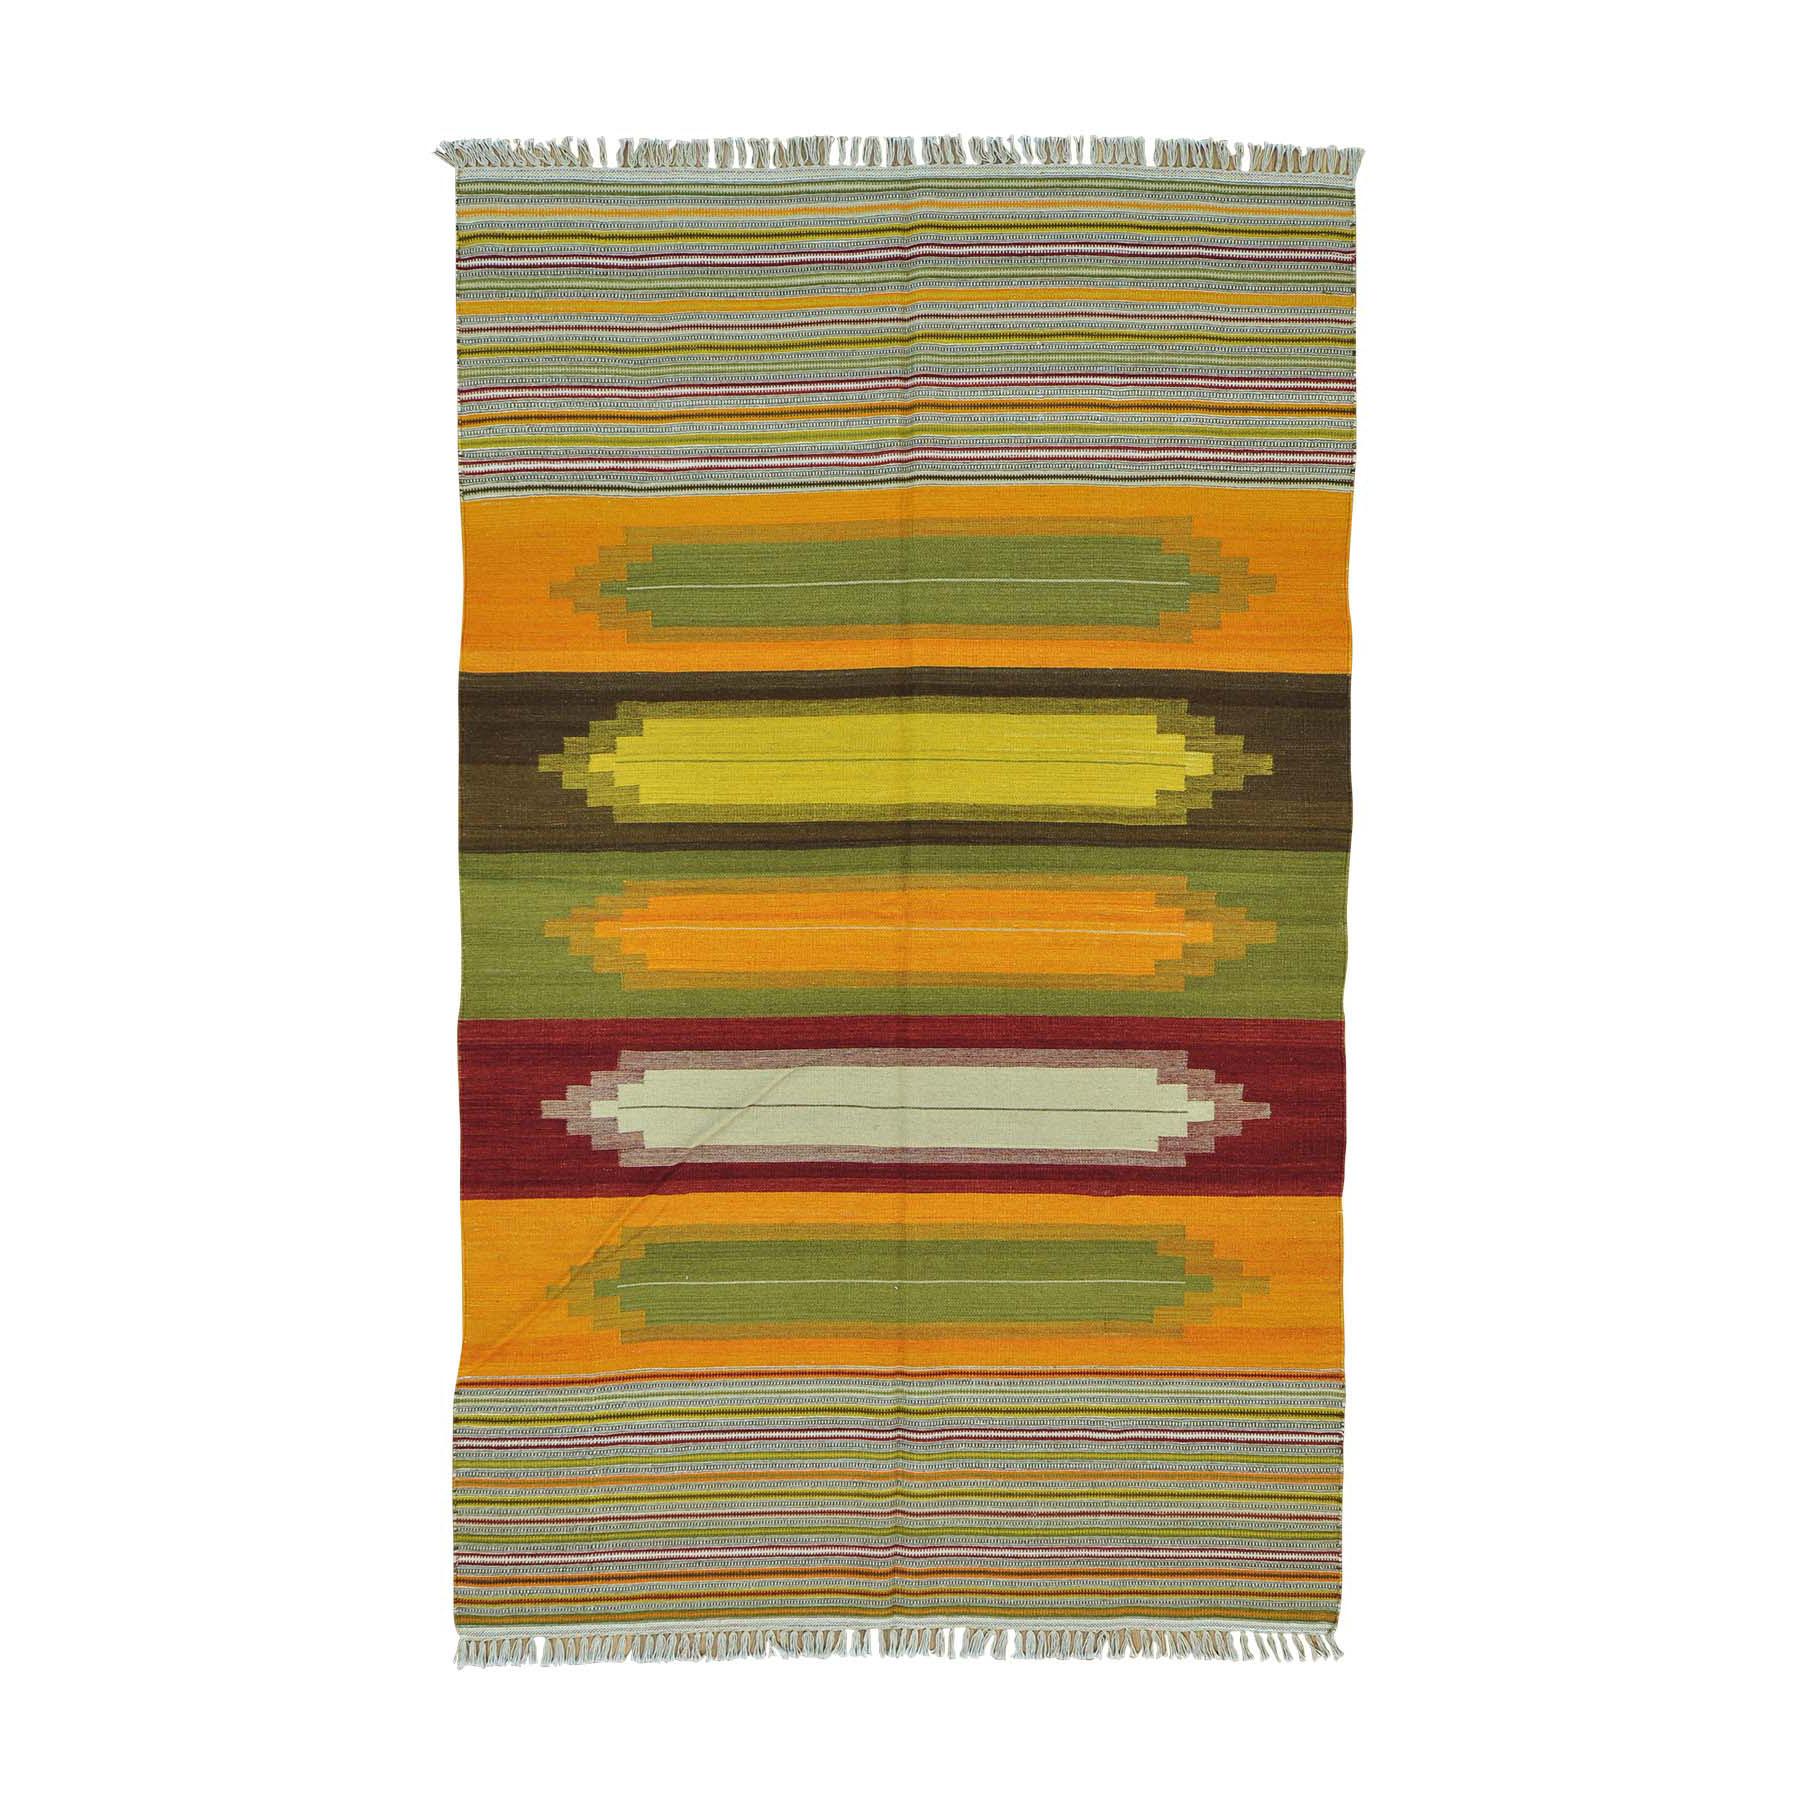 Fine Kilim Collection Hand Woven Multicolored Rug No: 0160096